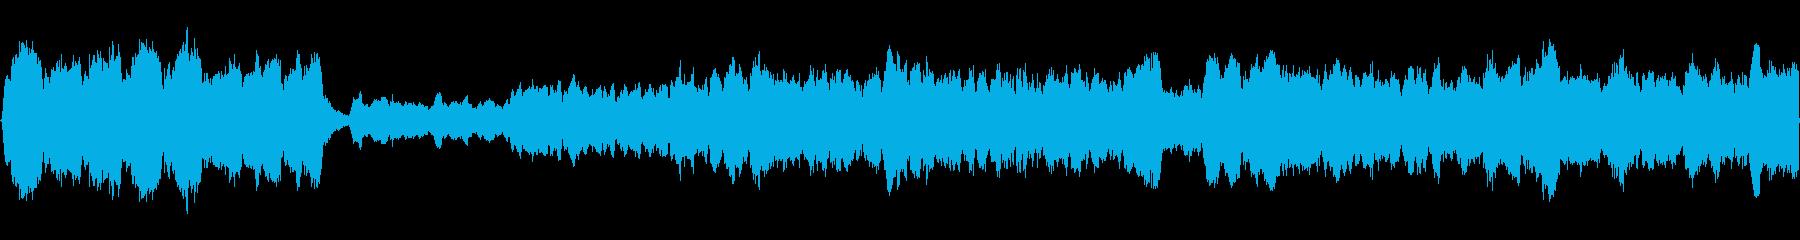 神聖なパイプオルガンのクラシックの再生済みの波形